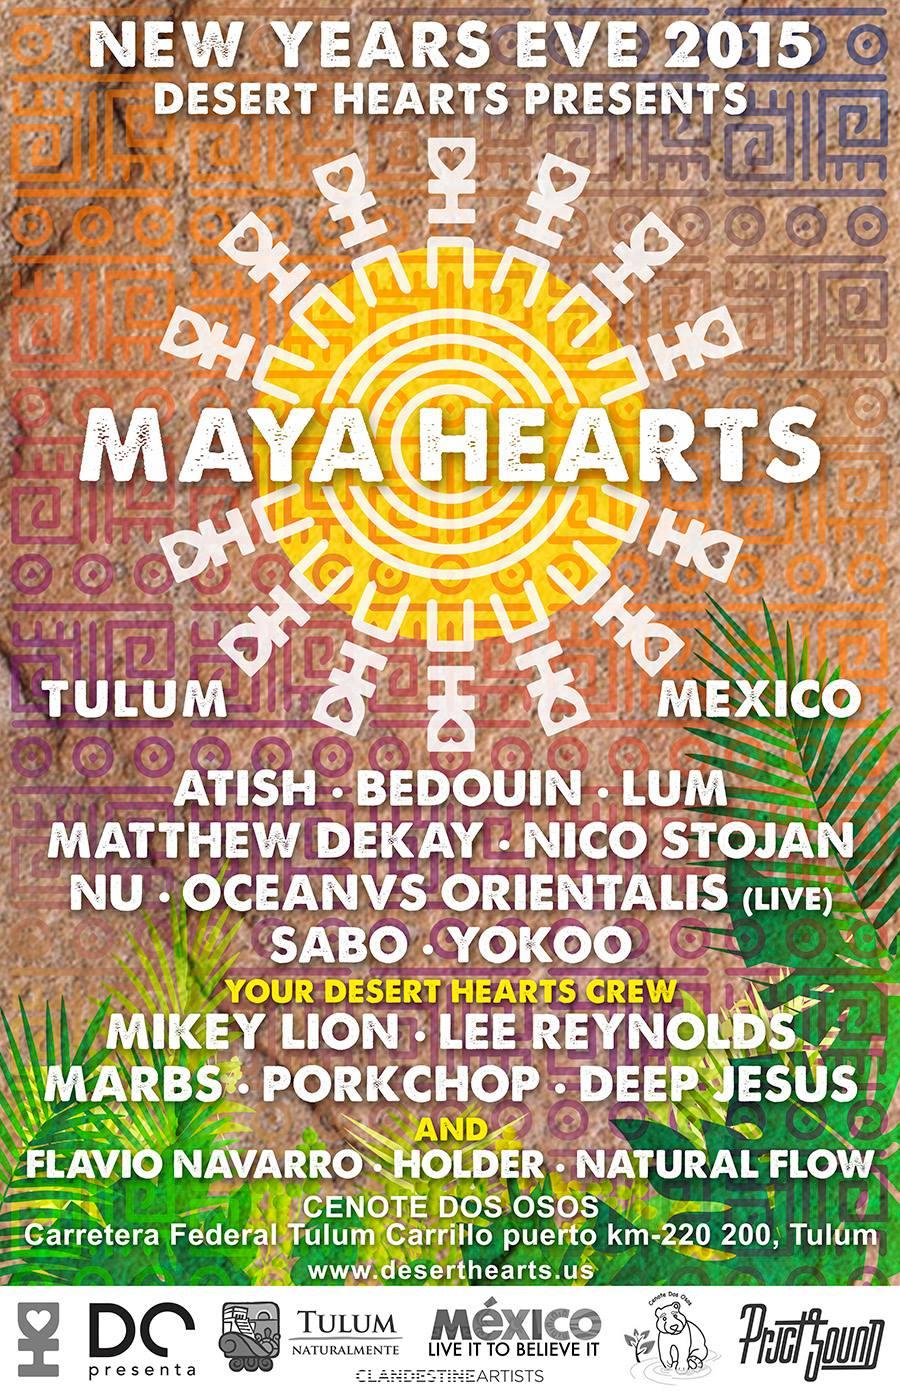 Maya Hearts NYE 2015 @ Tulum